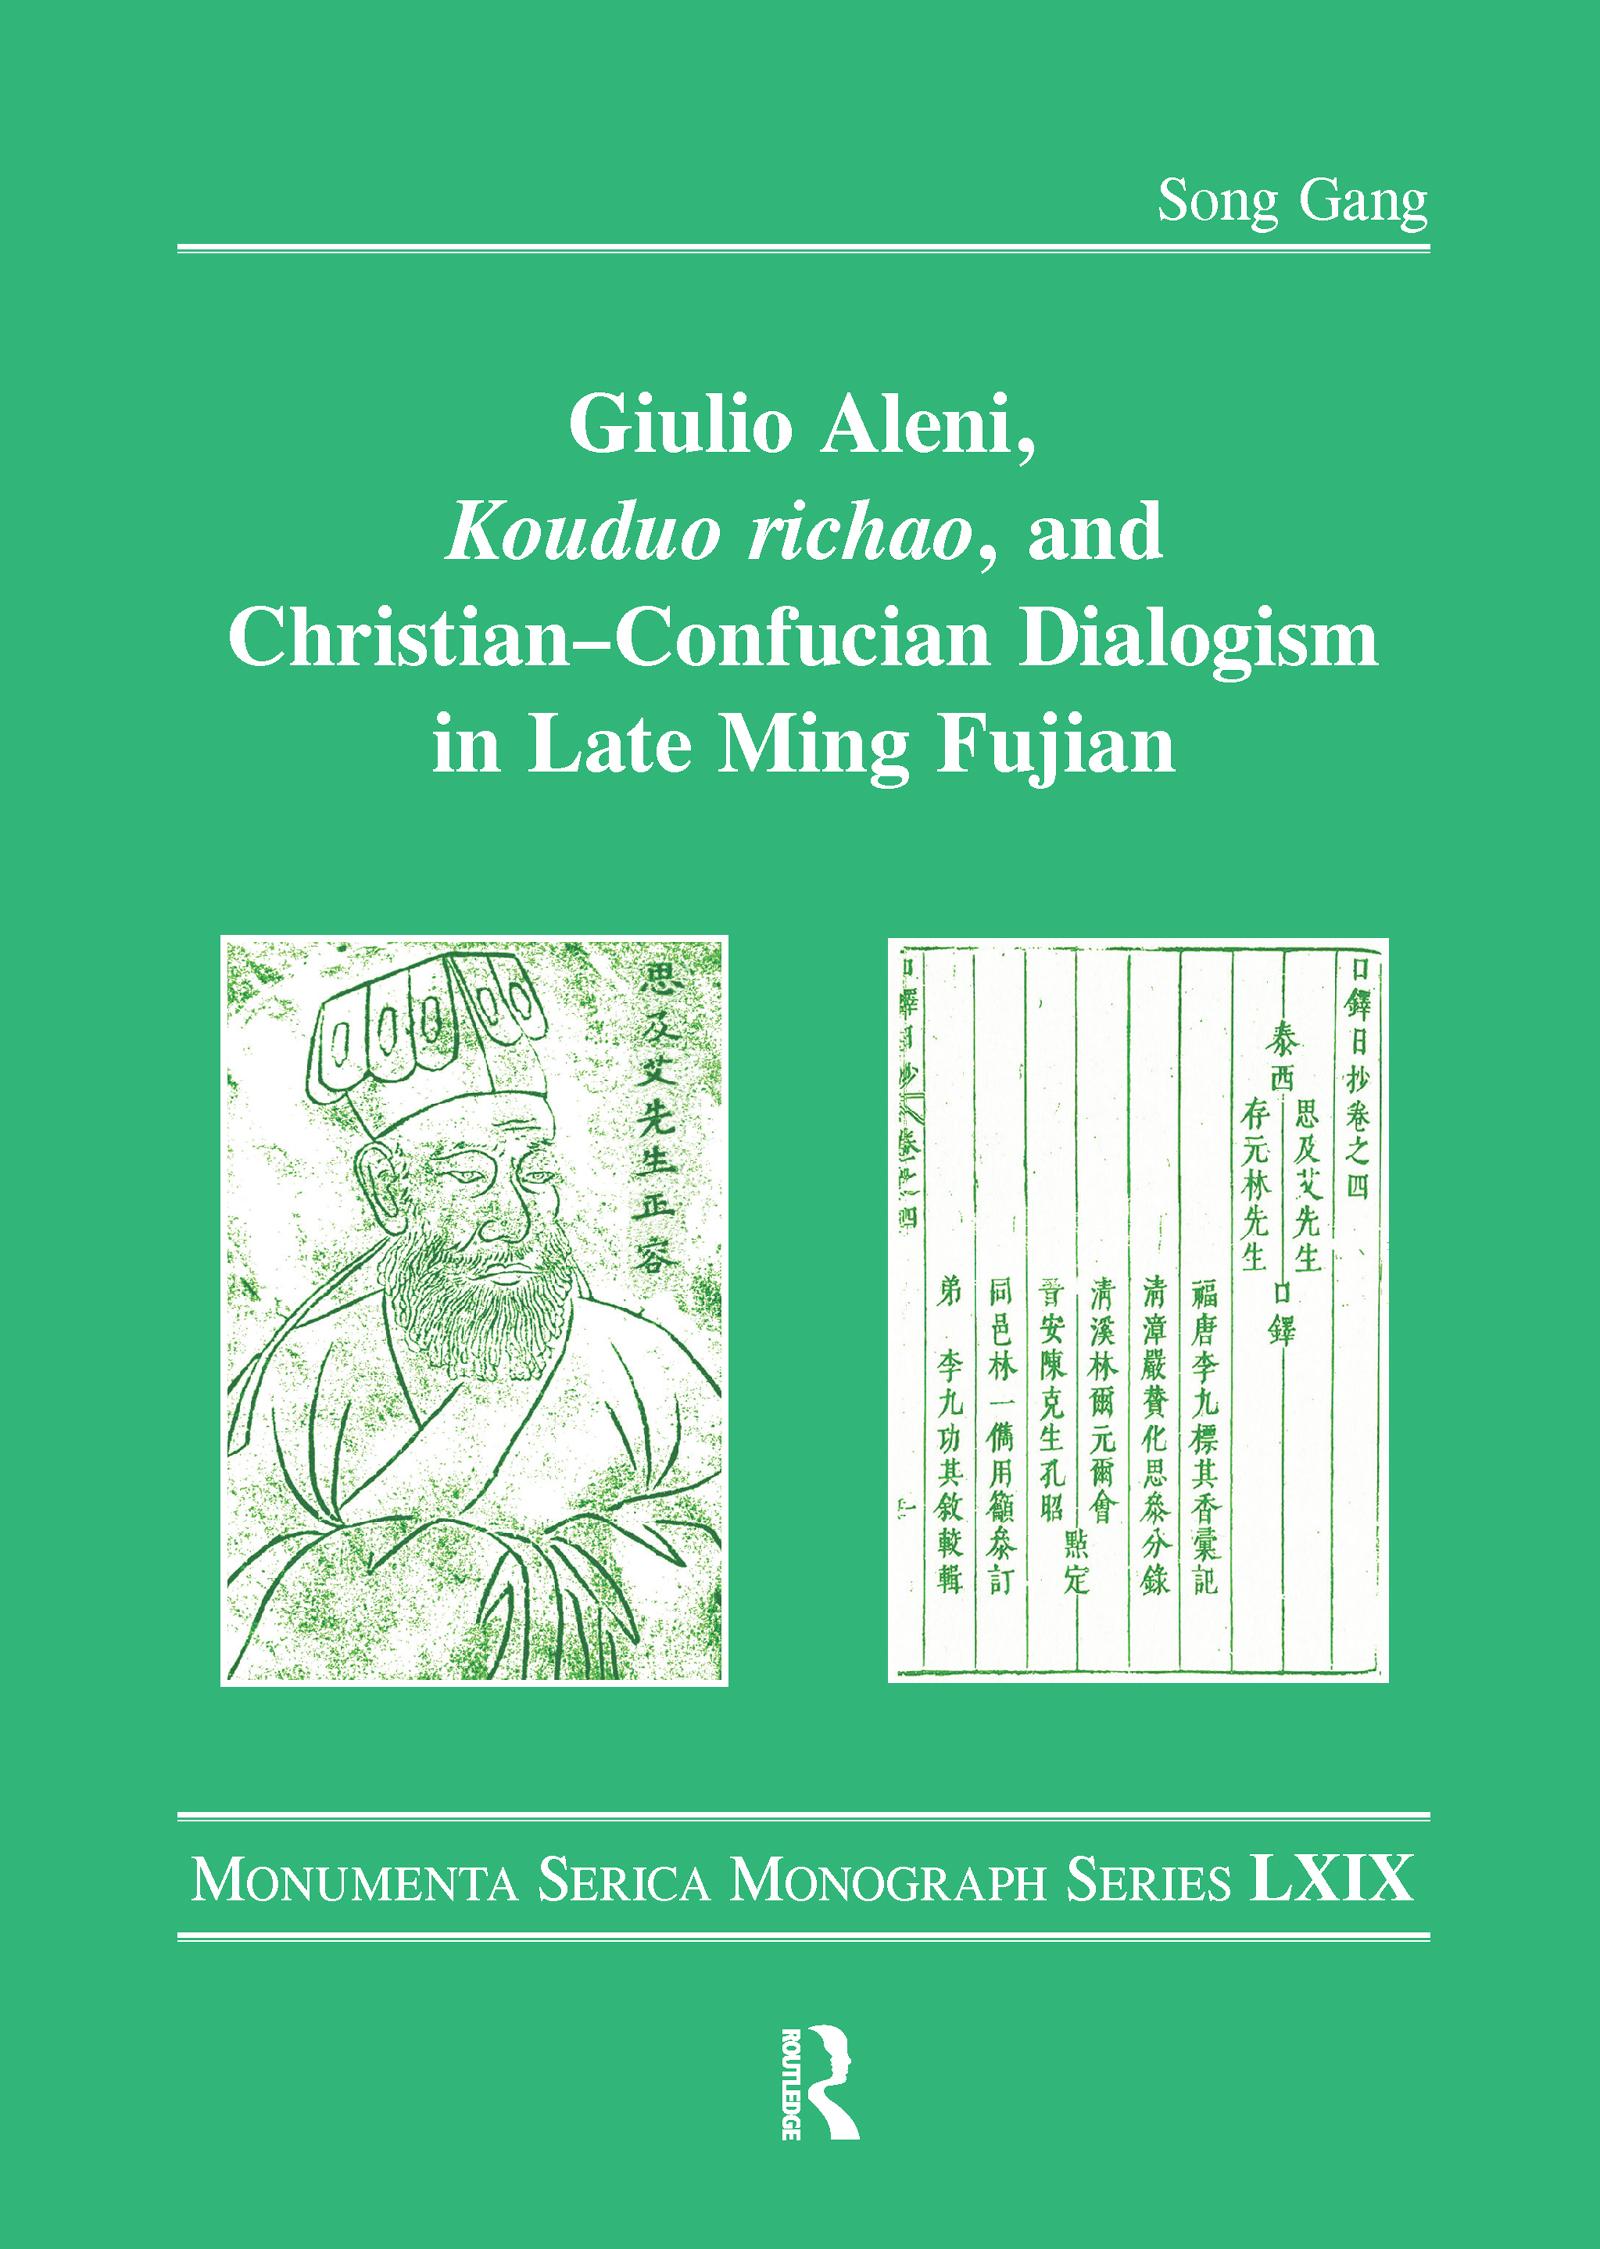 Giulio Aleni, Kouduo richao, and Christian–Confucian Dialogism in Late Ming Fujian